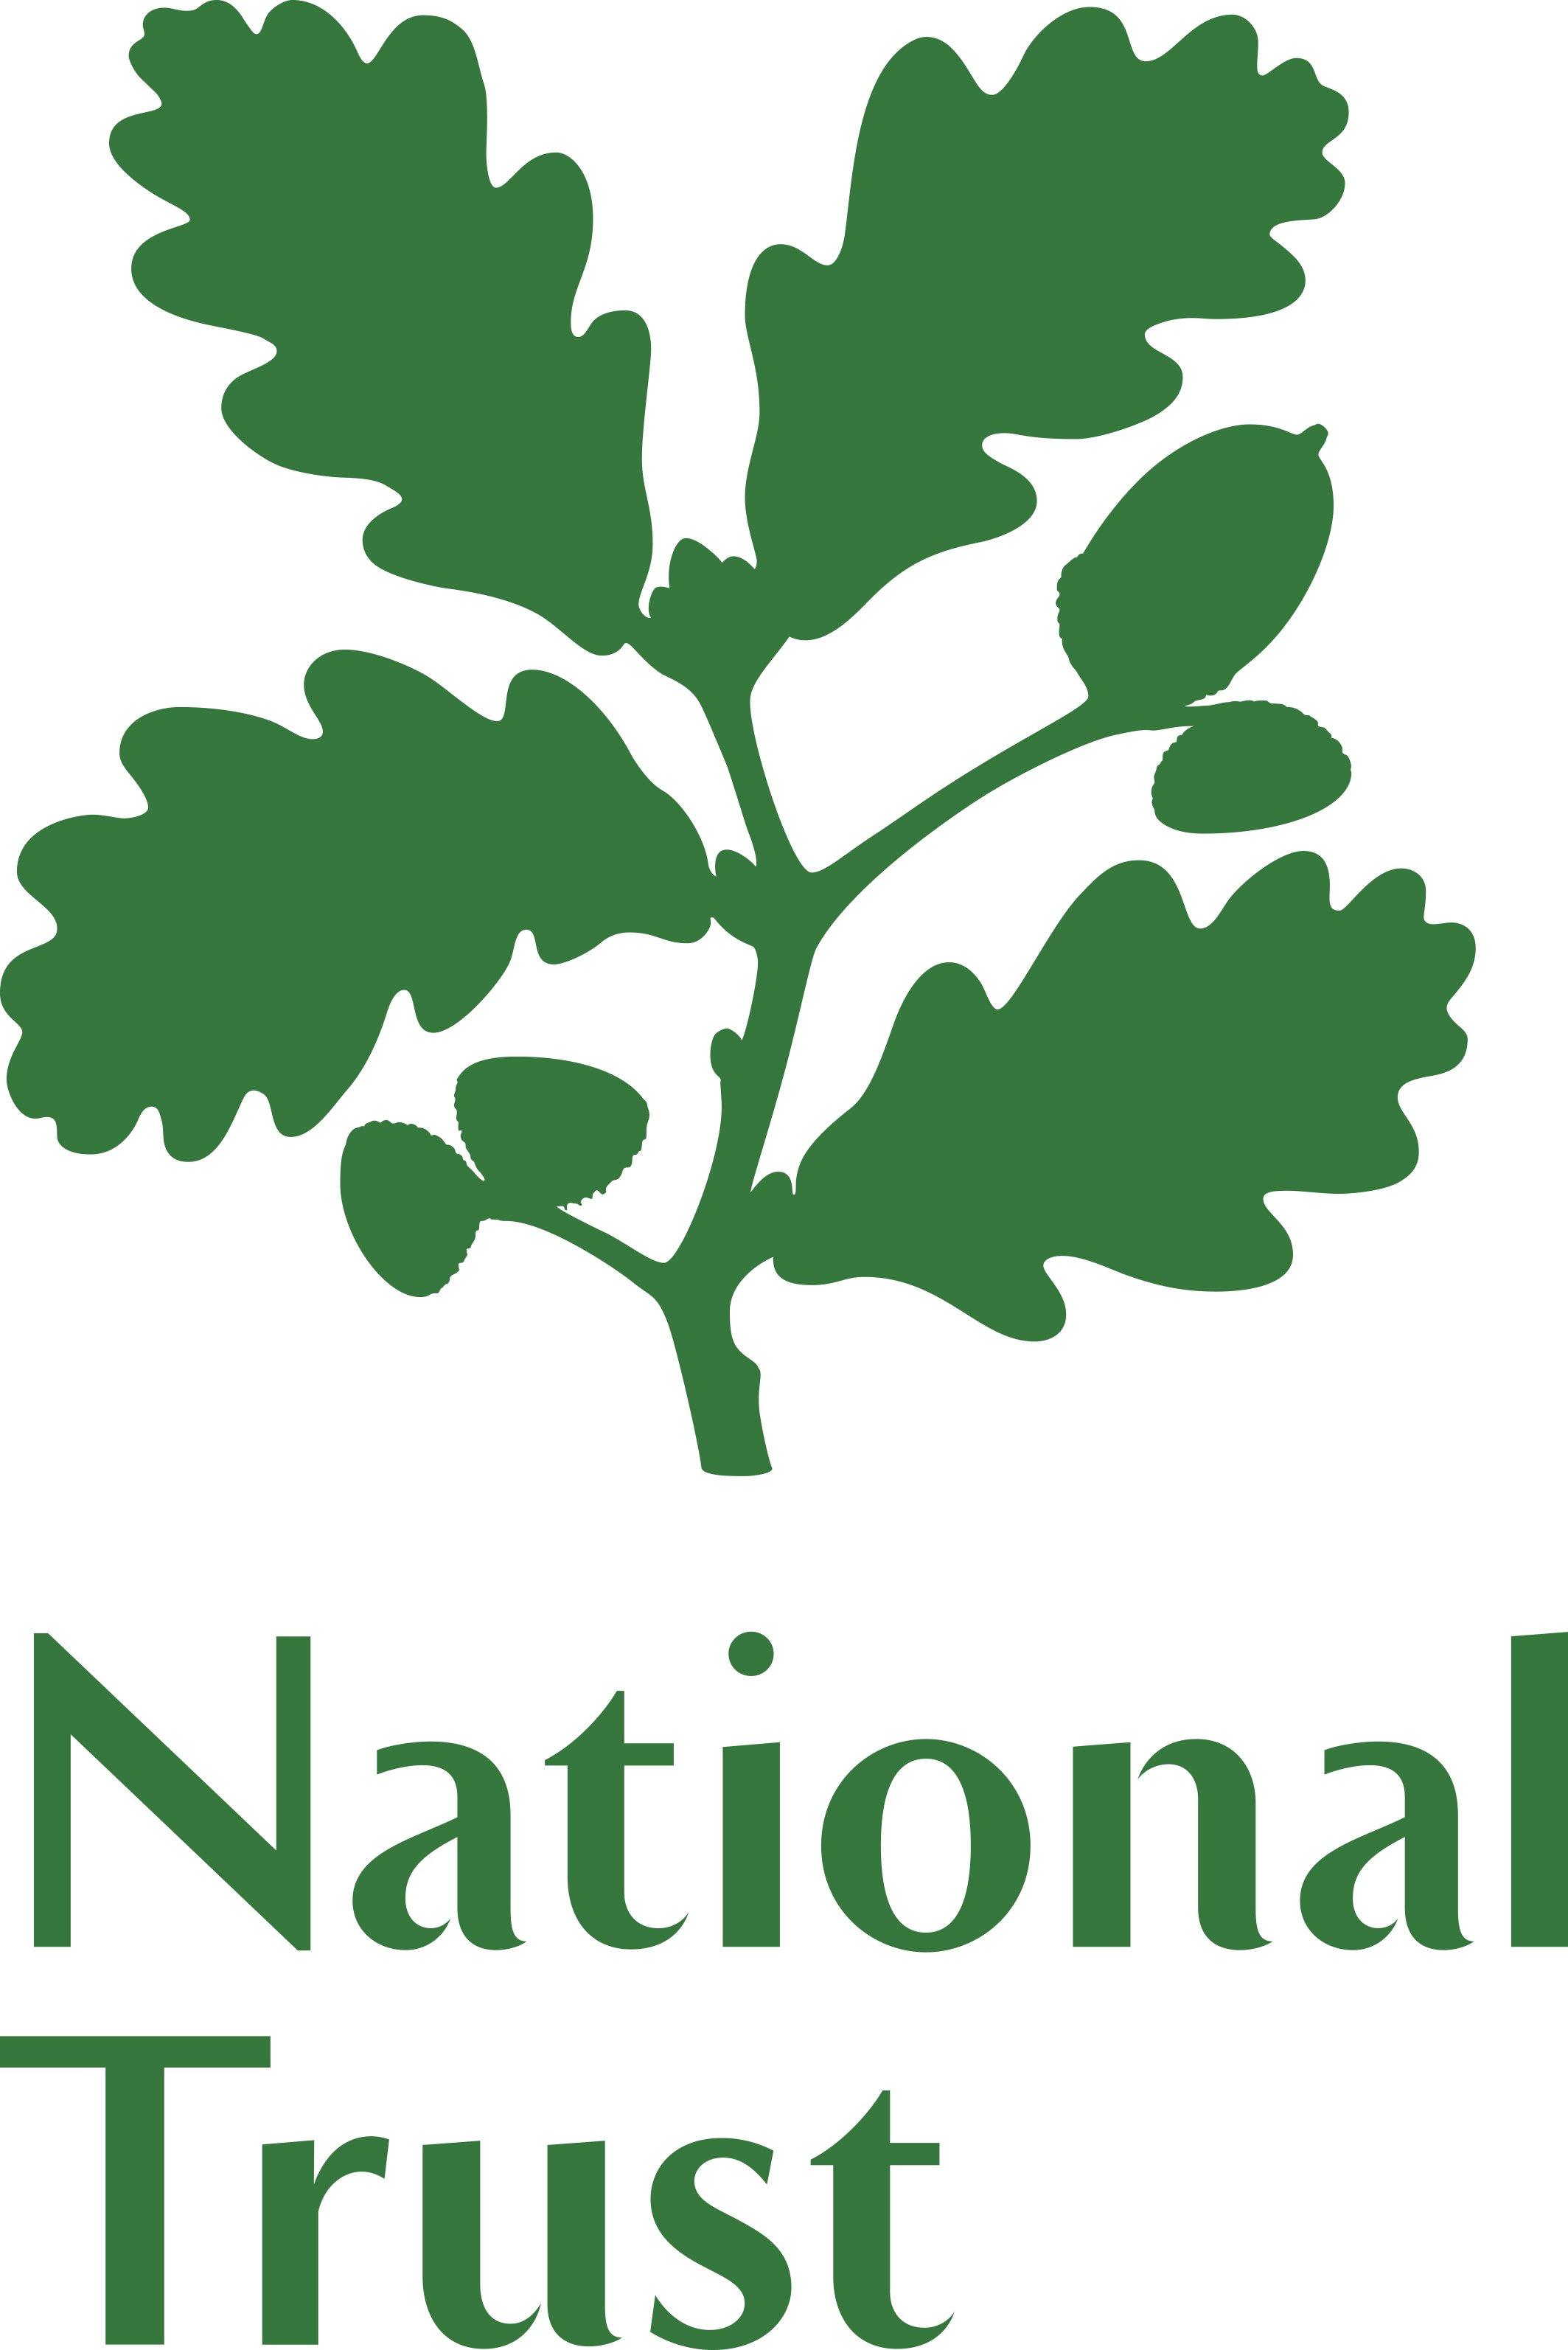 NT Logo (Hi-res)